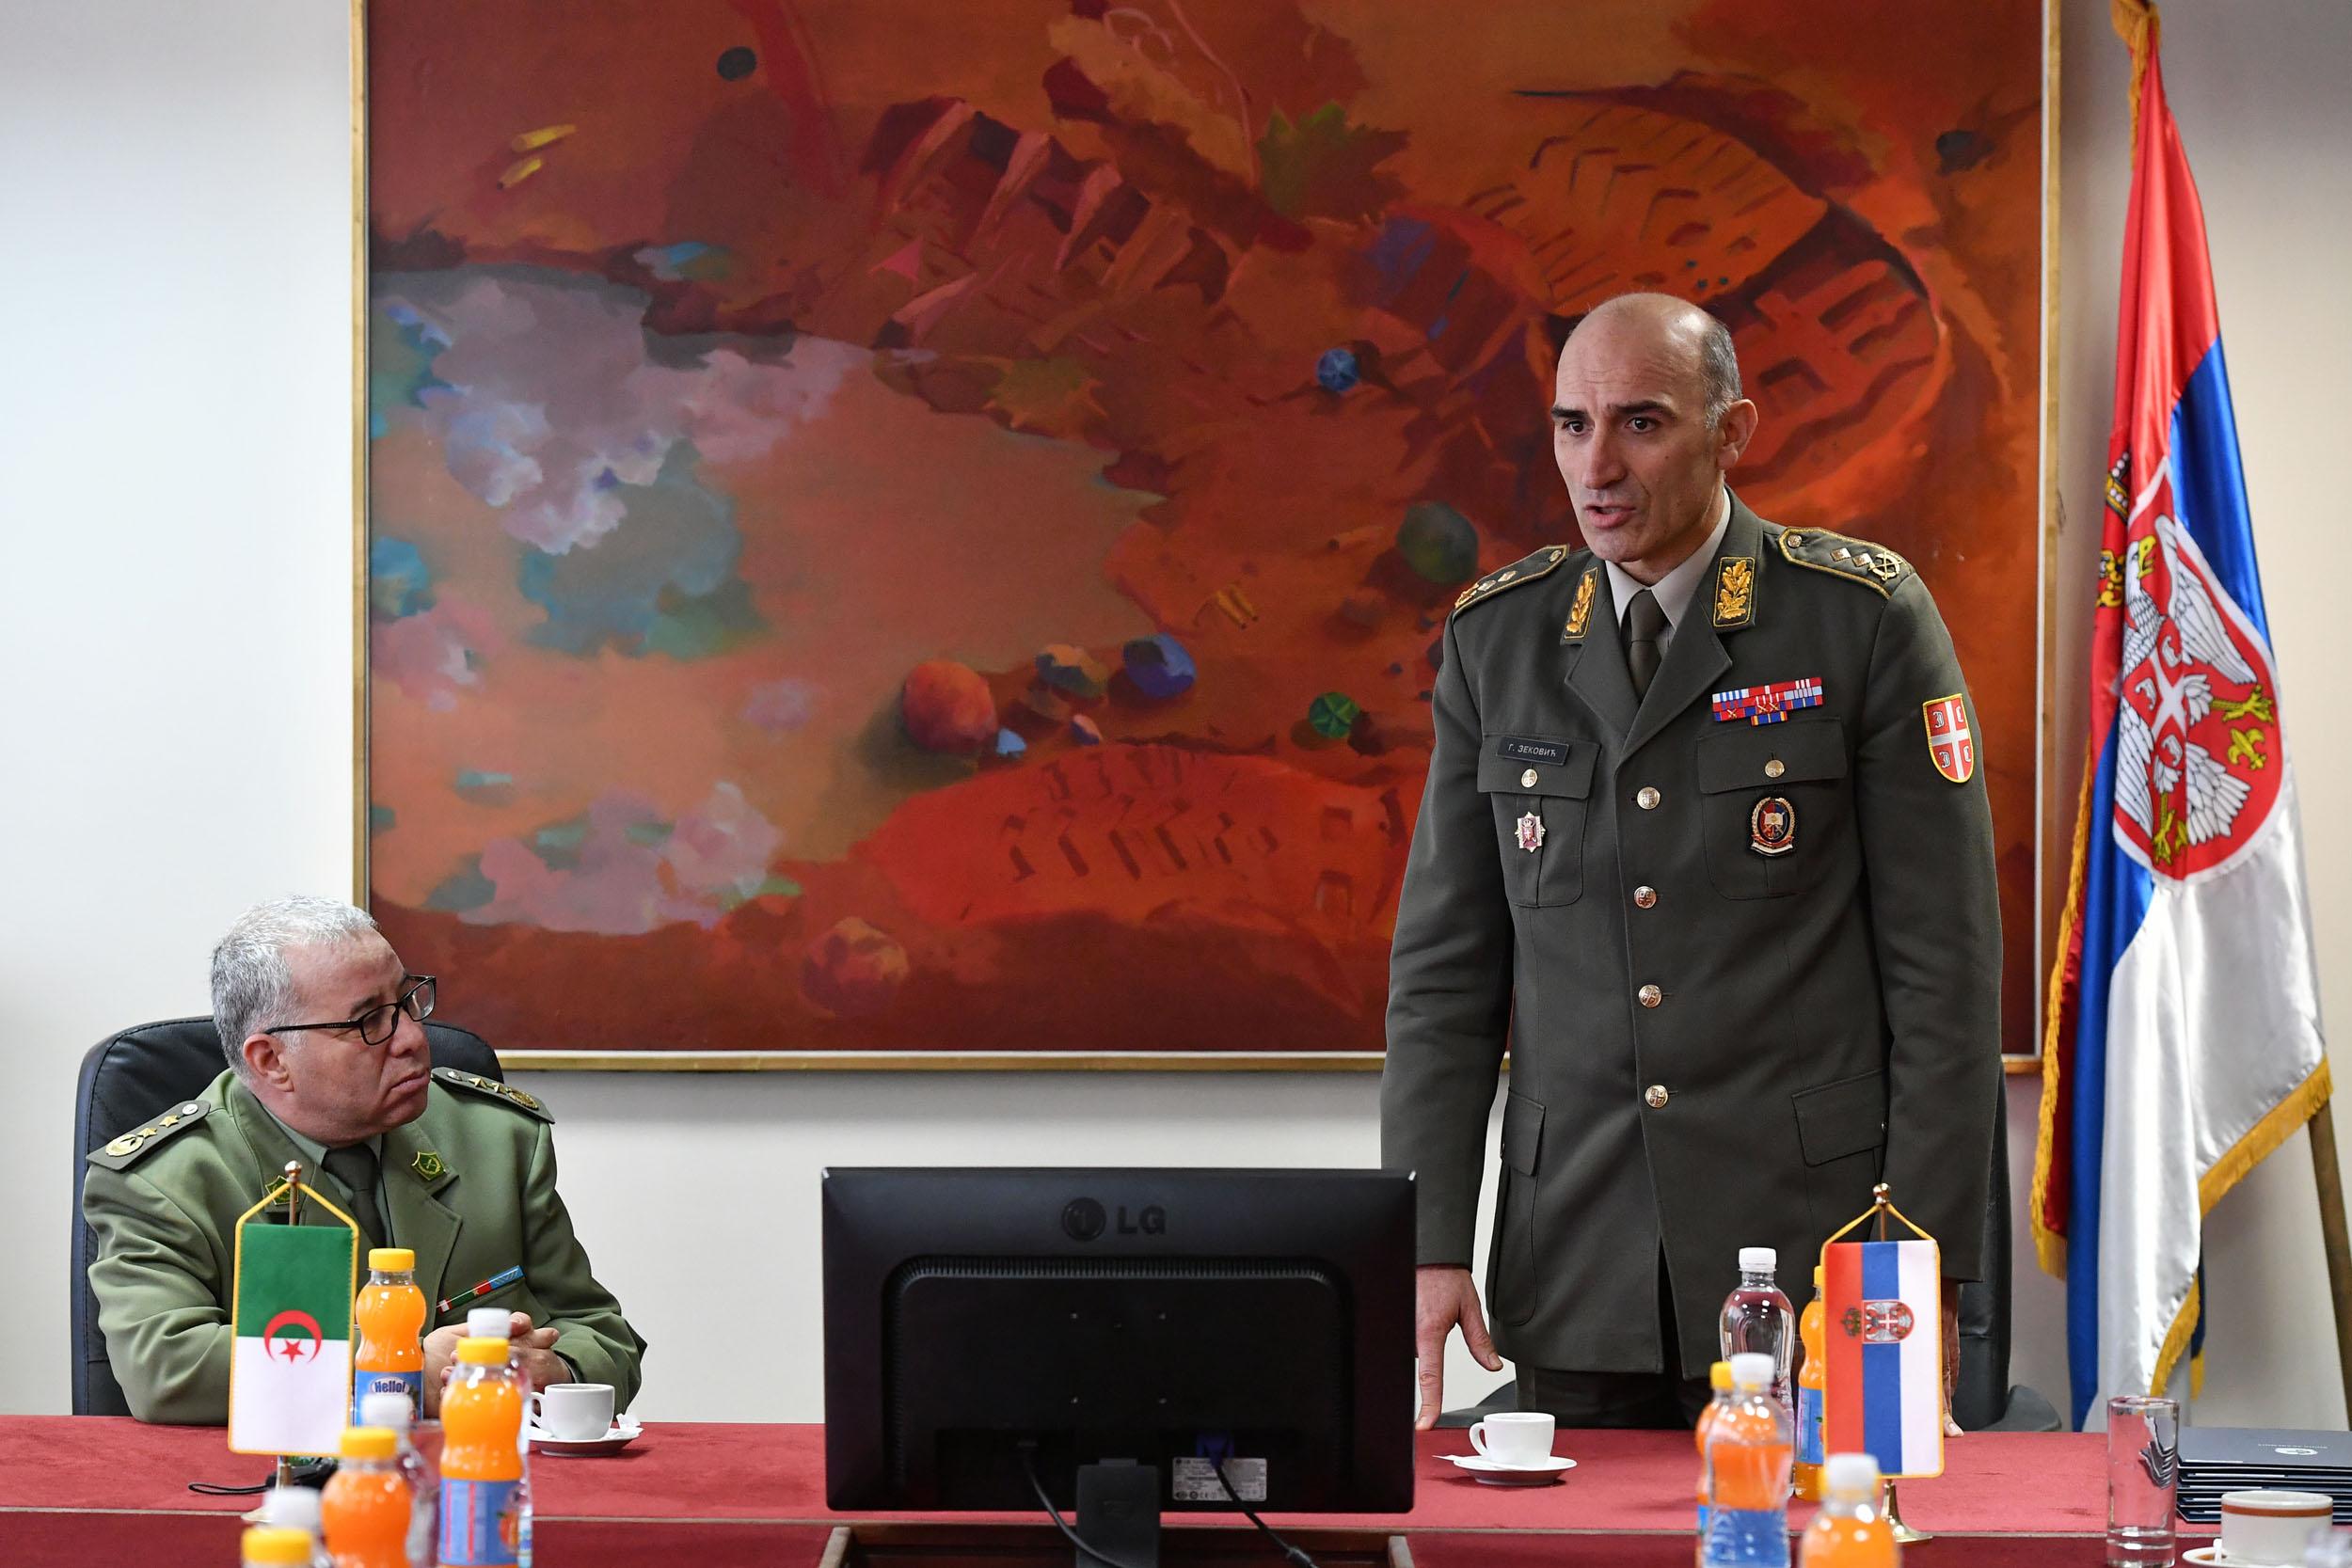 الجزائر : صلاحيات نائب وزير الدفاع الوطني - صفحة 14 Ban_9297_1490965290